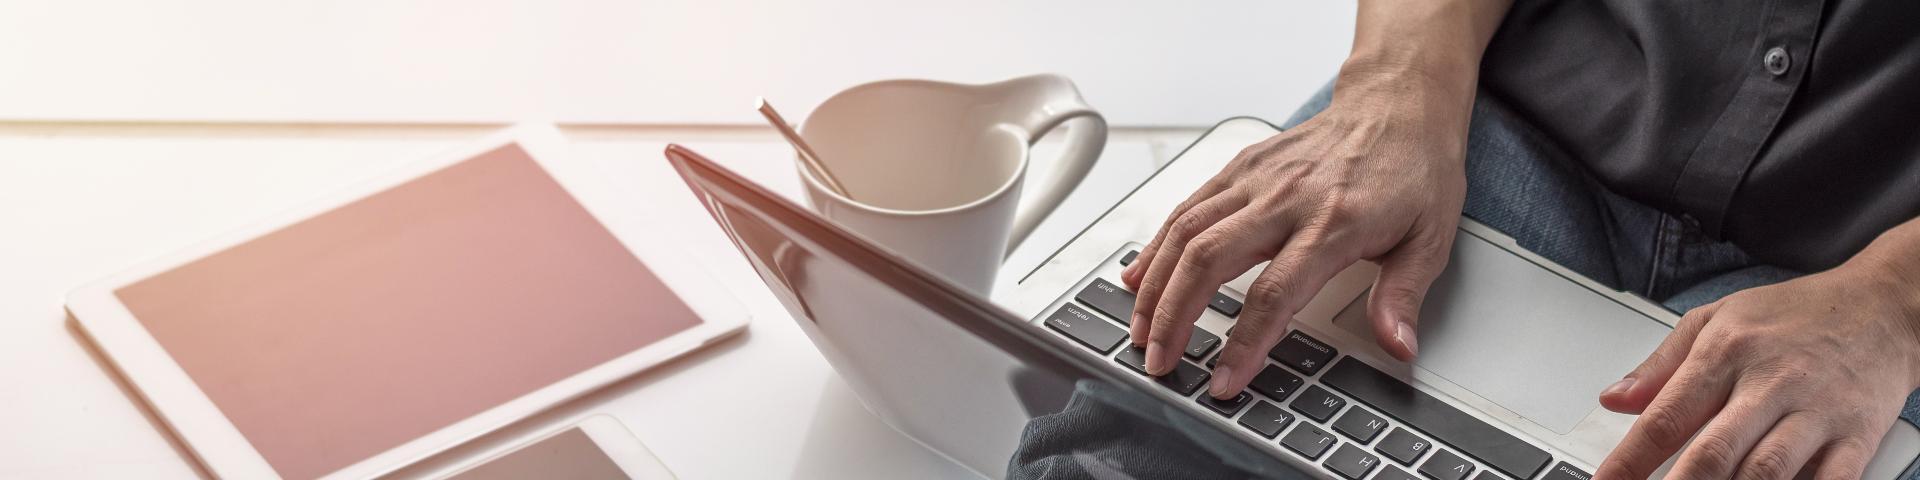 Mann mit Laptop , Tablet und Smartphone